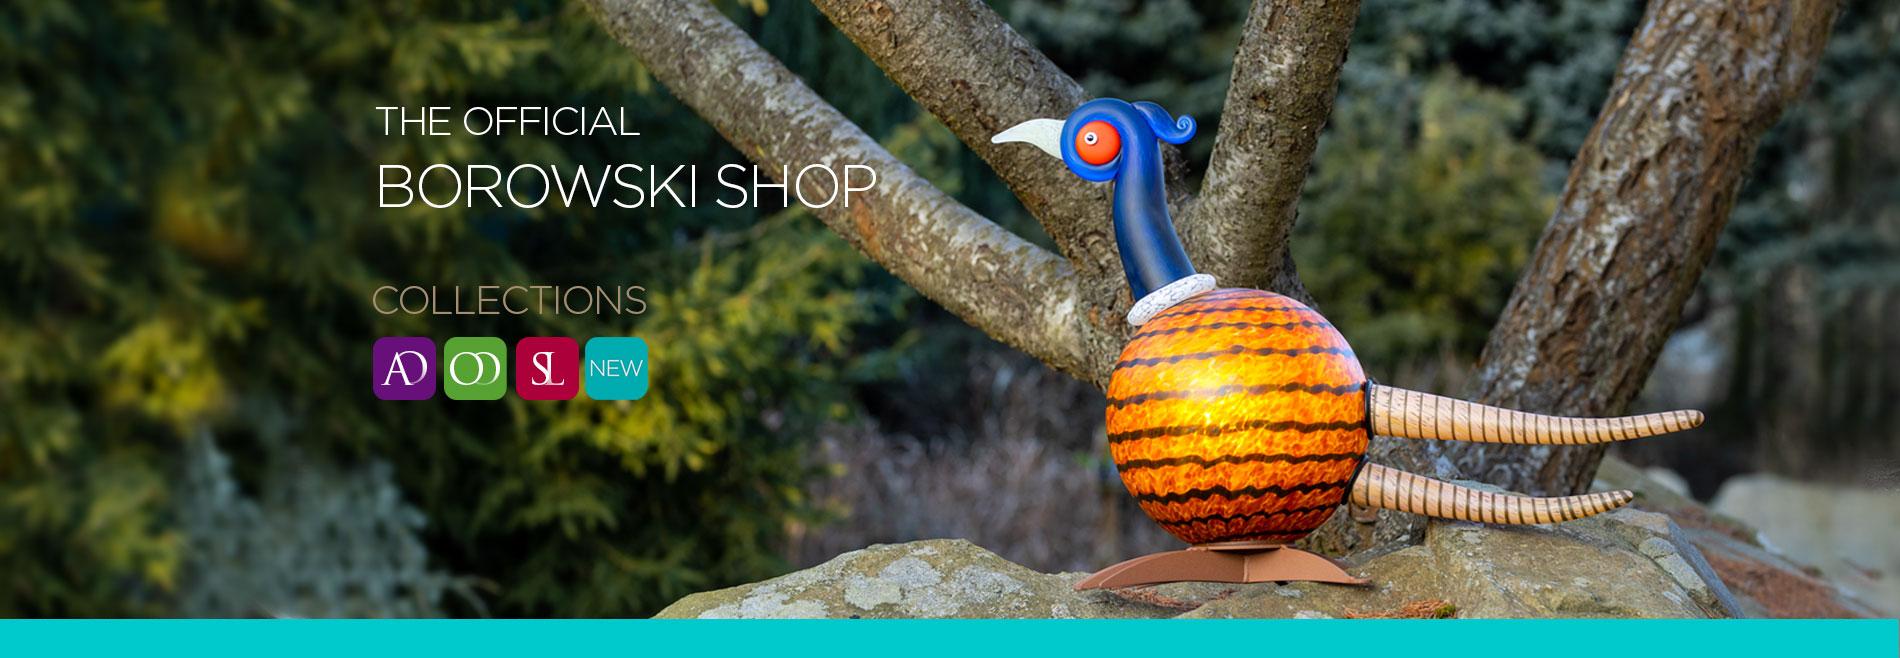 The Official Borowski Shop